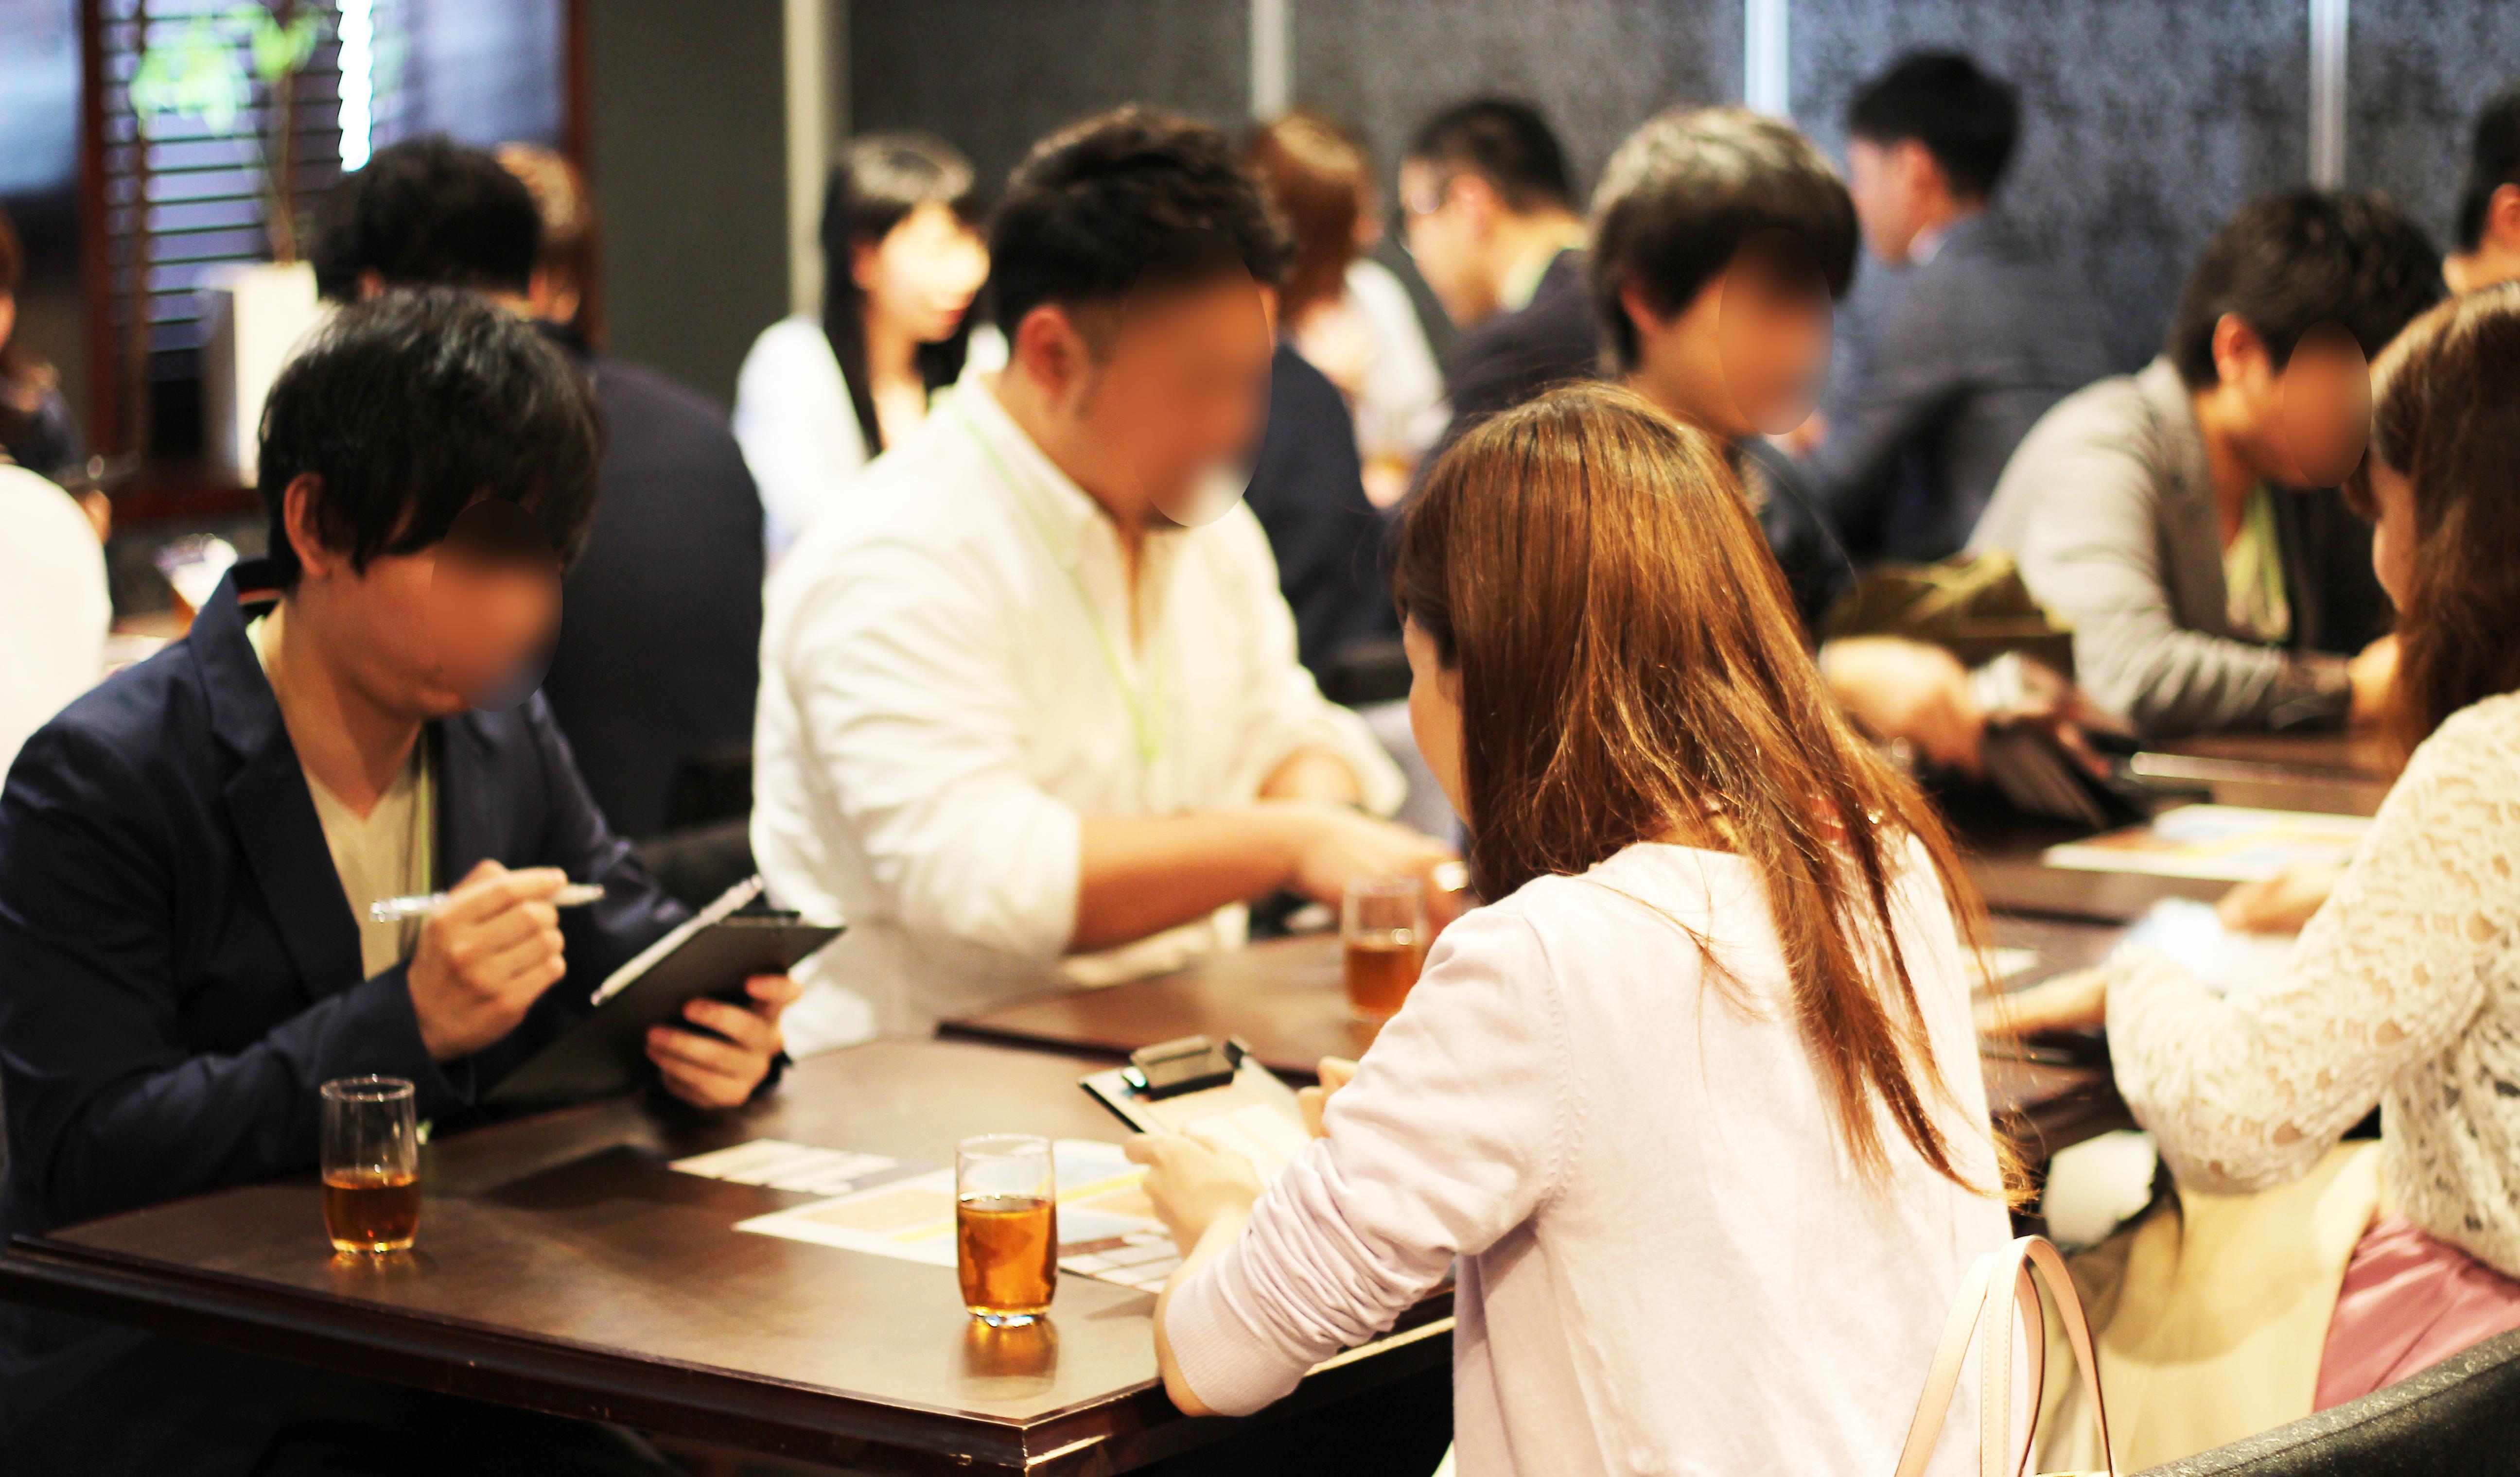 【大阪】GW中の着席パーティーは梅田のKIZASHI DOJIMAにて♪ラグジュアリーな会場で、お一人お一人と上質な出会いを…♪ サブ画像3